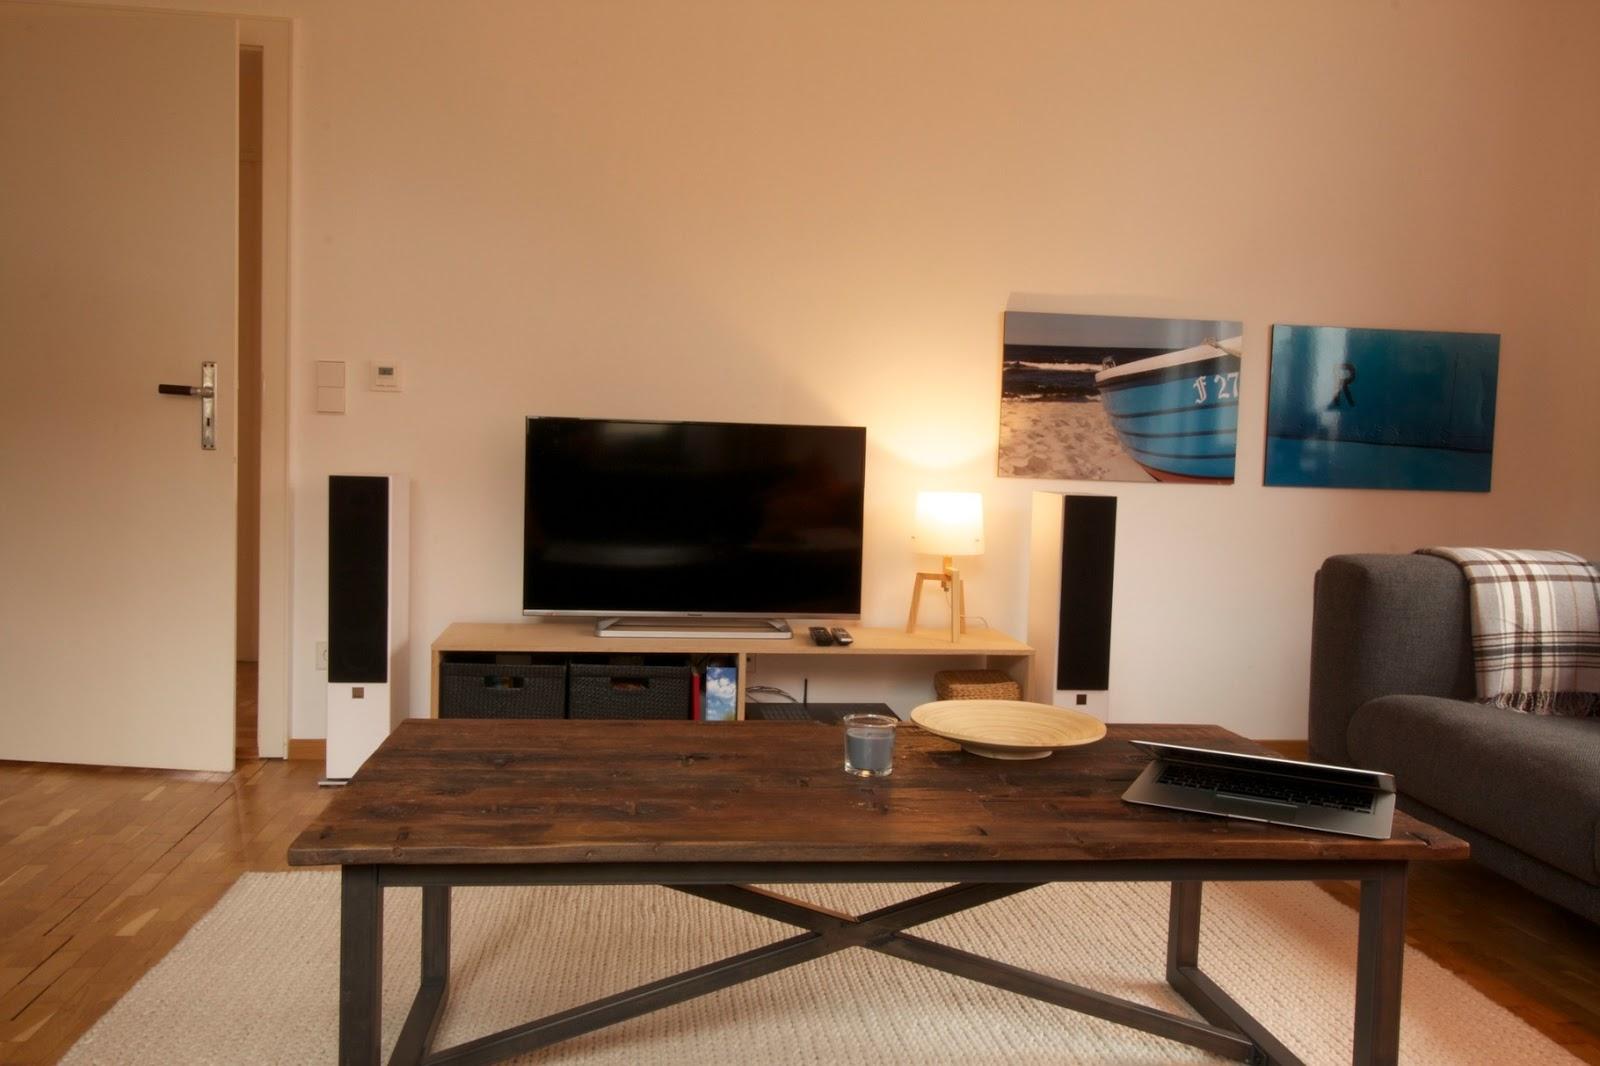 Es Wird Vorgeschlagen Ausreichend Platz Zu Schaffen Fr Die Gste Und Komfortable Flexibilitt Sitzen Wenn Zeit In Ihrem Wohnzimmer Zum Verweilen